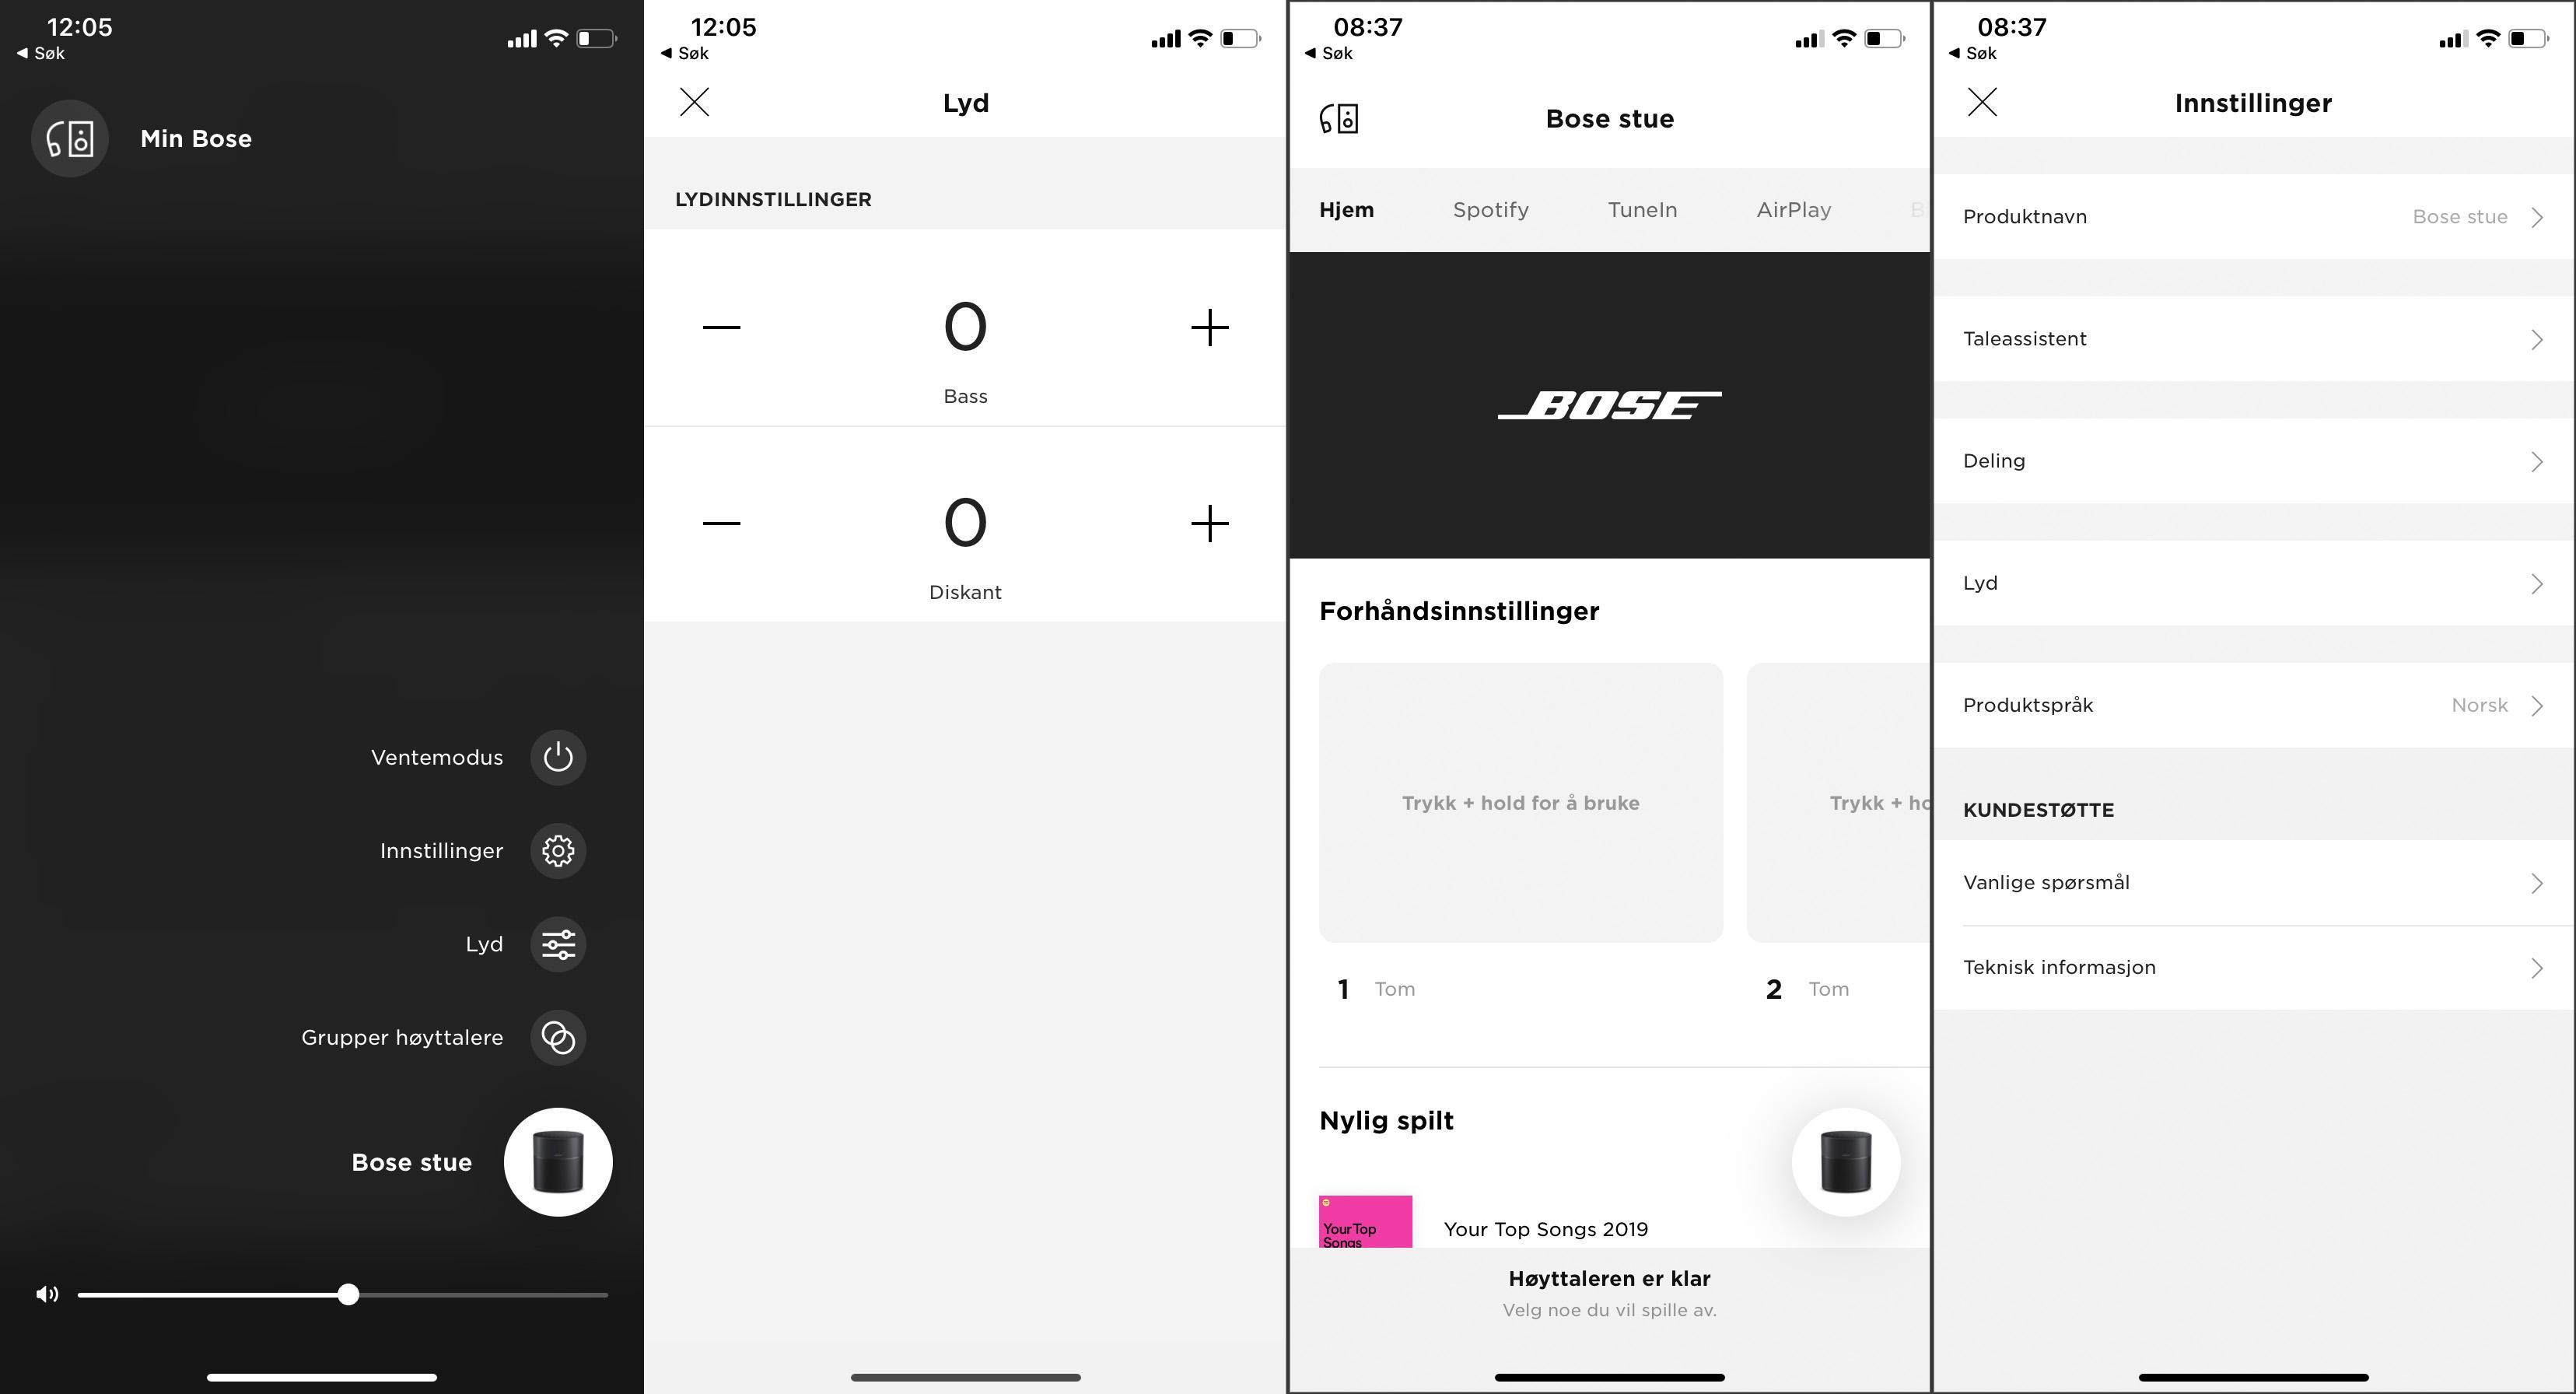 Bose-appen har endelig fått equalizer. En veldig grunnleggende en, sådan